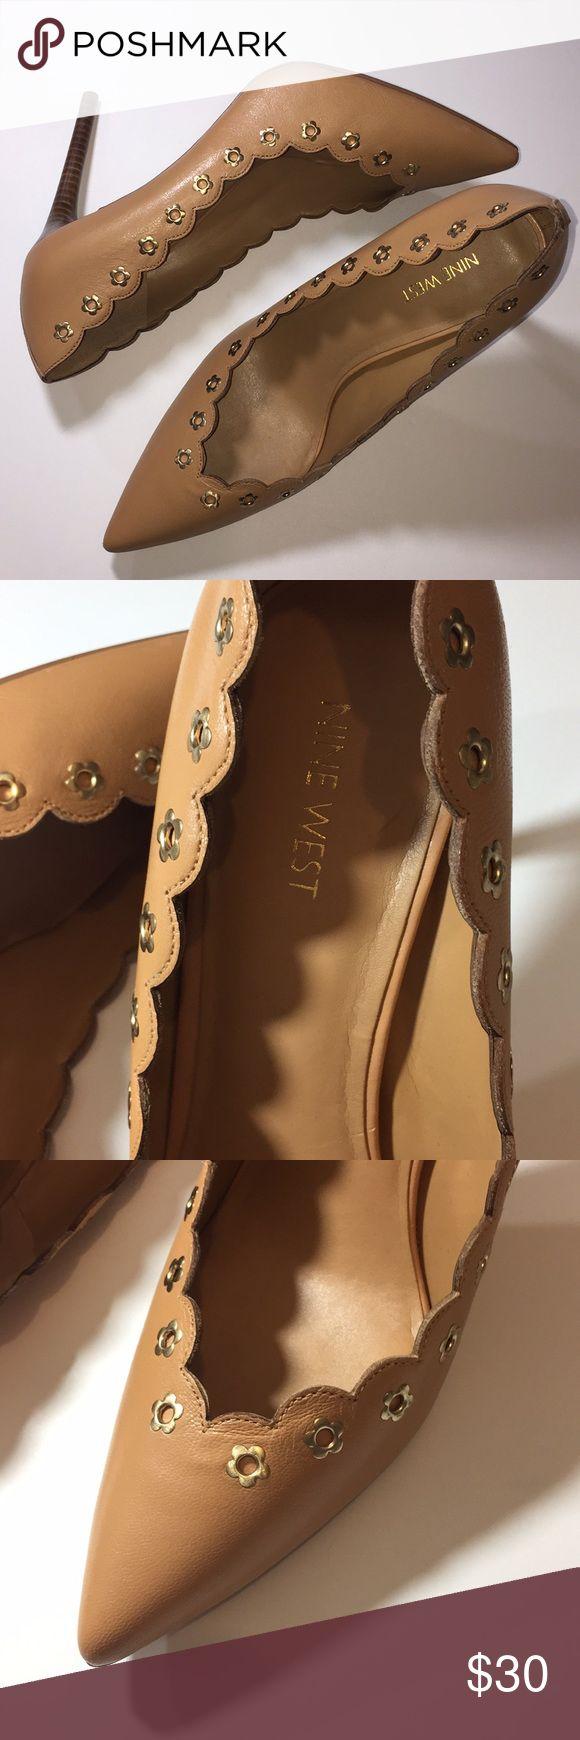 """NWOT Nine West Heels 11M New. No tag or box. Just in 2️⃣7️⃣. 4.5"""" heel Nine West Shoes Heels"""